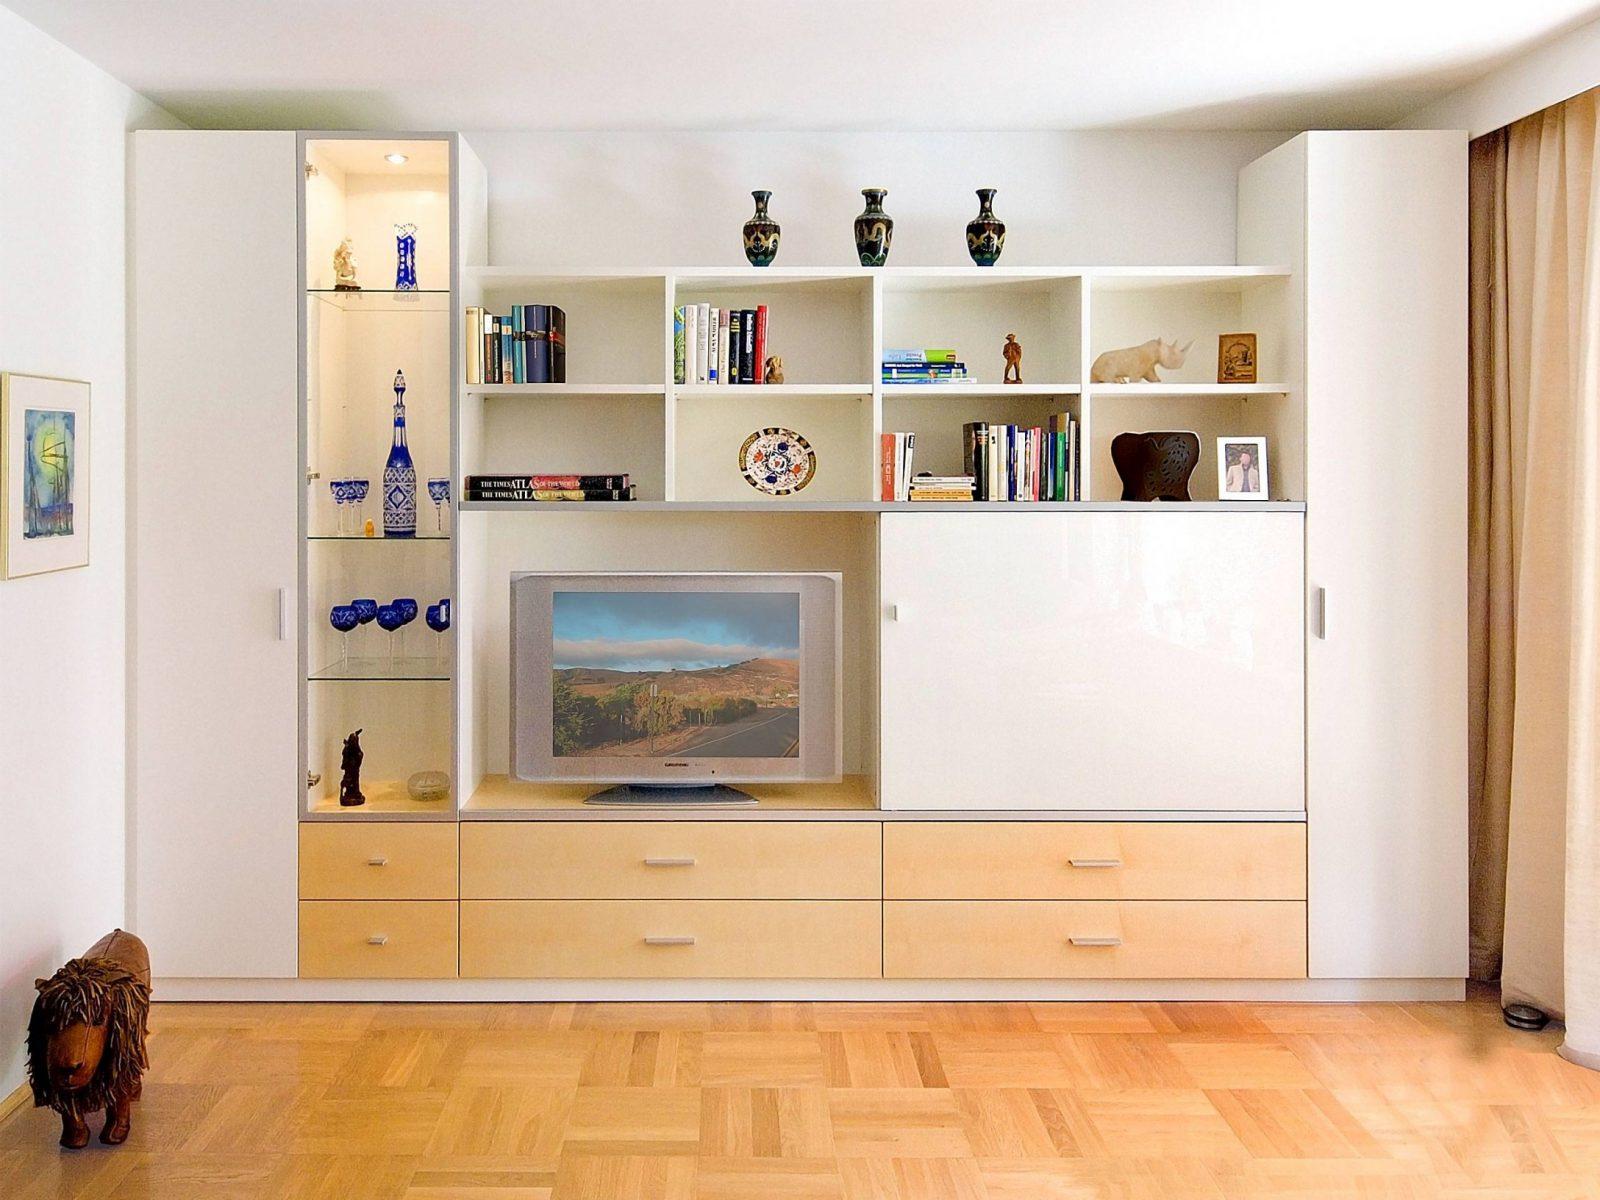 Wohnwand Mit Integriertem Kleiderschrank Von Wohnwand Mit von Wohnwand Mit Integriertem Kleiderschrank Bild